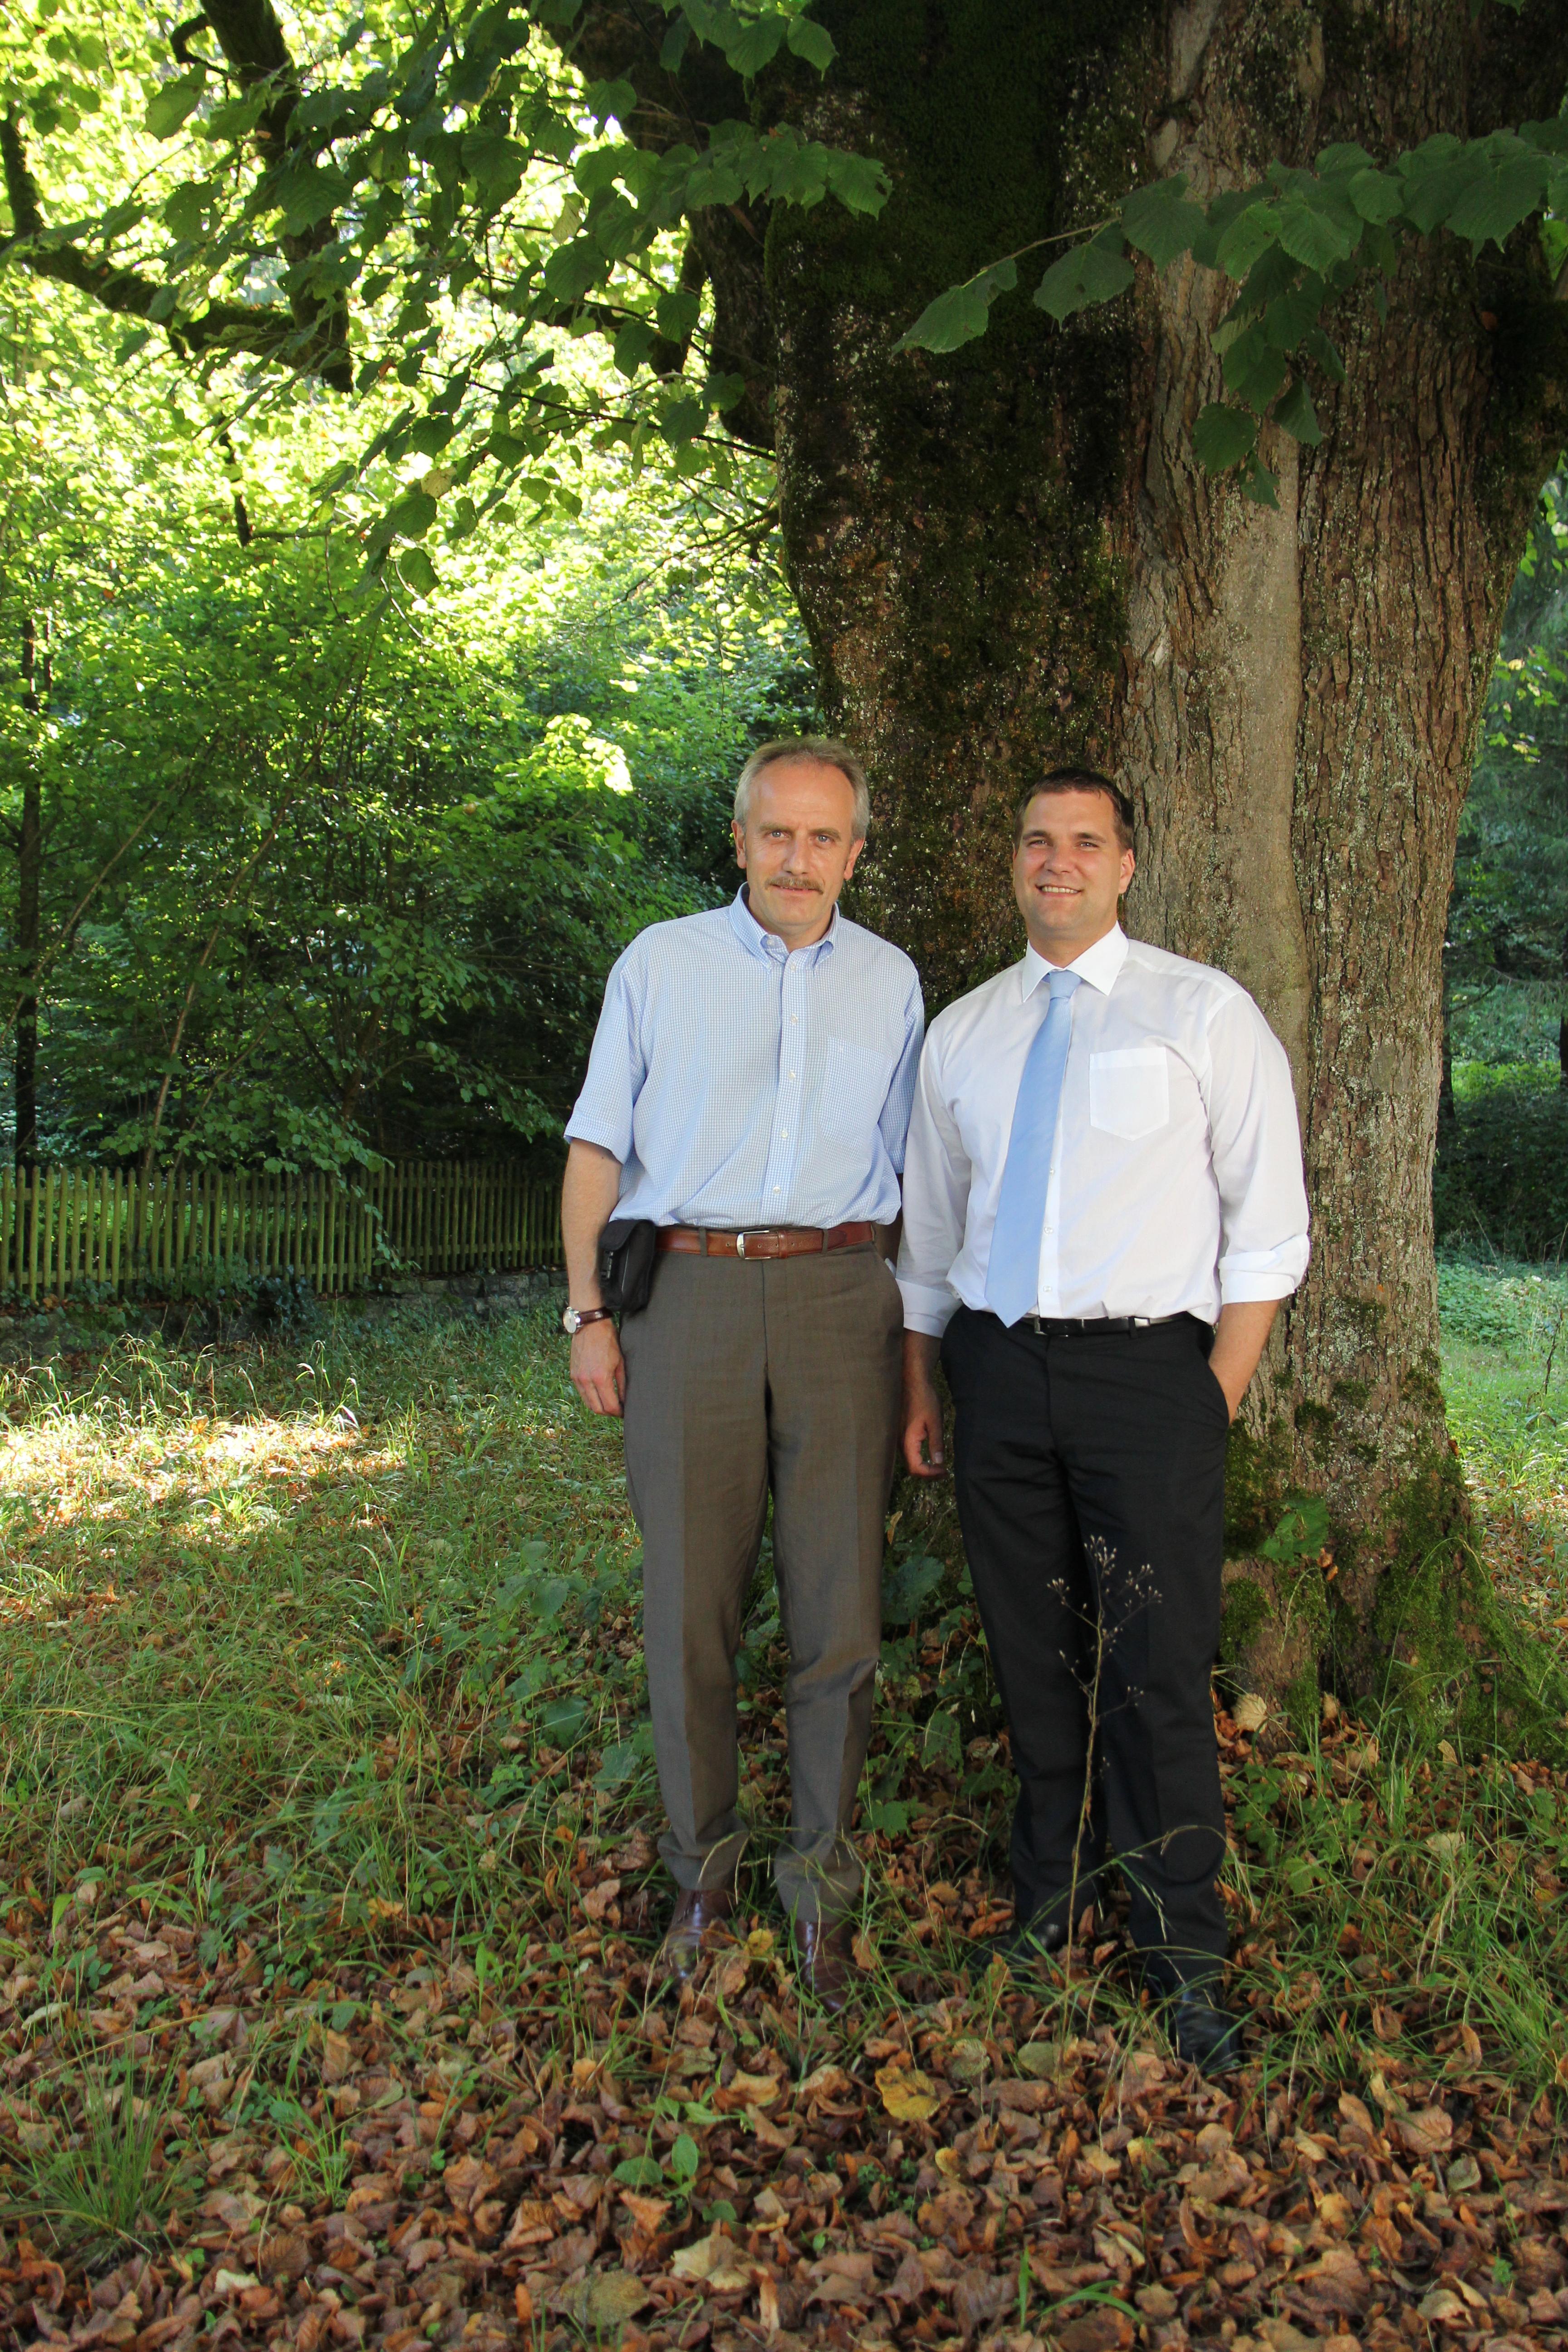 Zusammenarbeit Stiftung Wildnispark Zürich mit Coop auf dem Bild: Roger Vogt, Leiter Verkaufsregion Coop Zentralschweiz-Zürich und Christian Stauffer, Geschäftsführer Stiftung Wildnispark Zürich